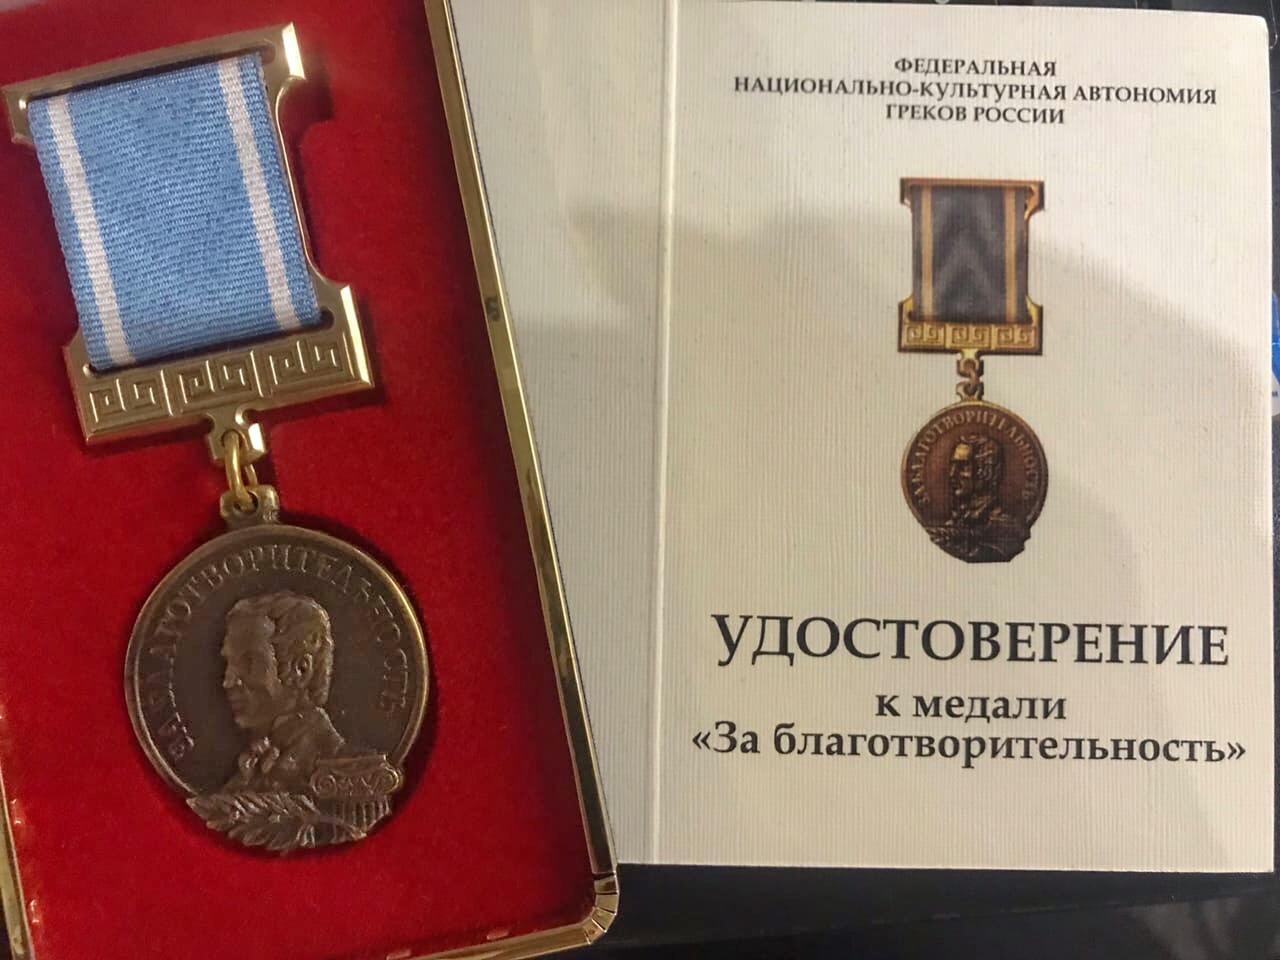 Внимание: Памятная медаль «За благотворительность» им. Дмитрия Бенардаки